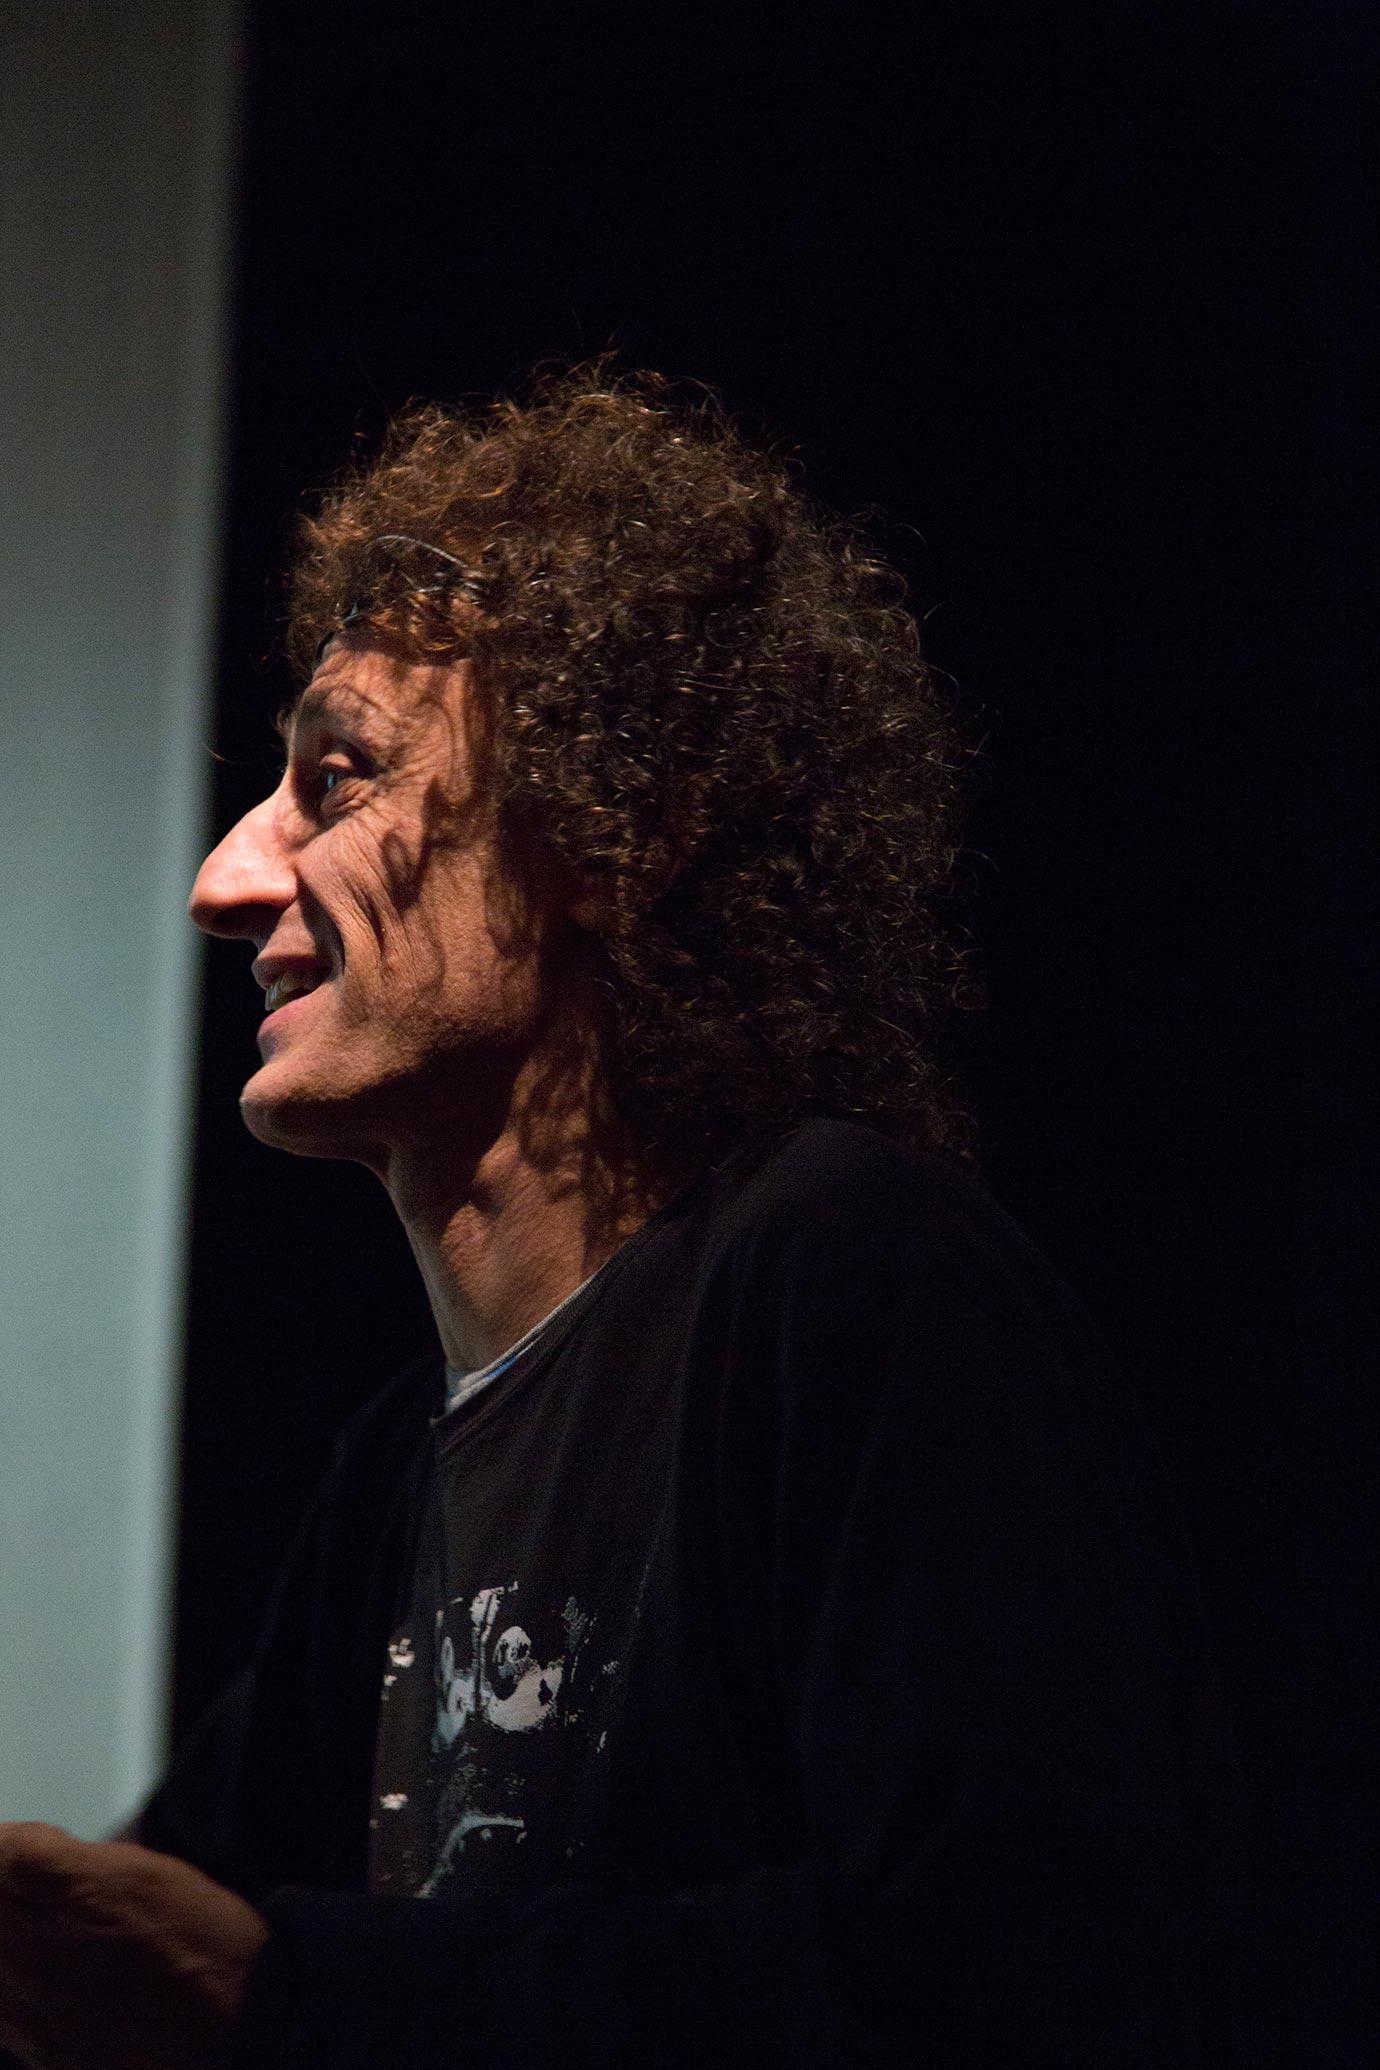 Antonio Rezza (Photo: Elena Sconfinetti)